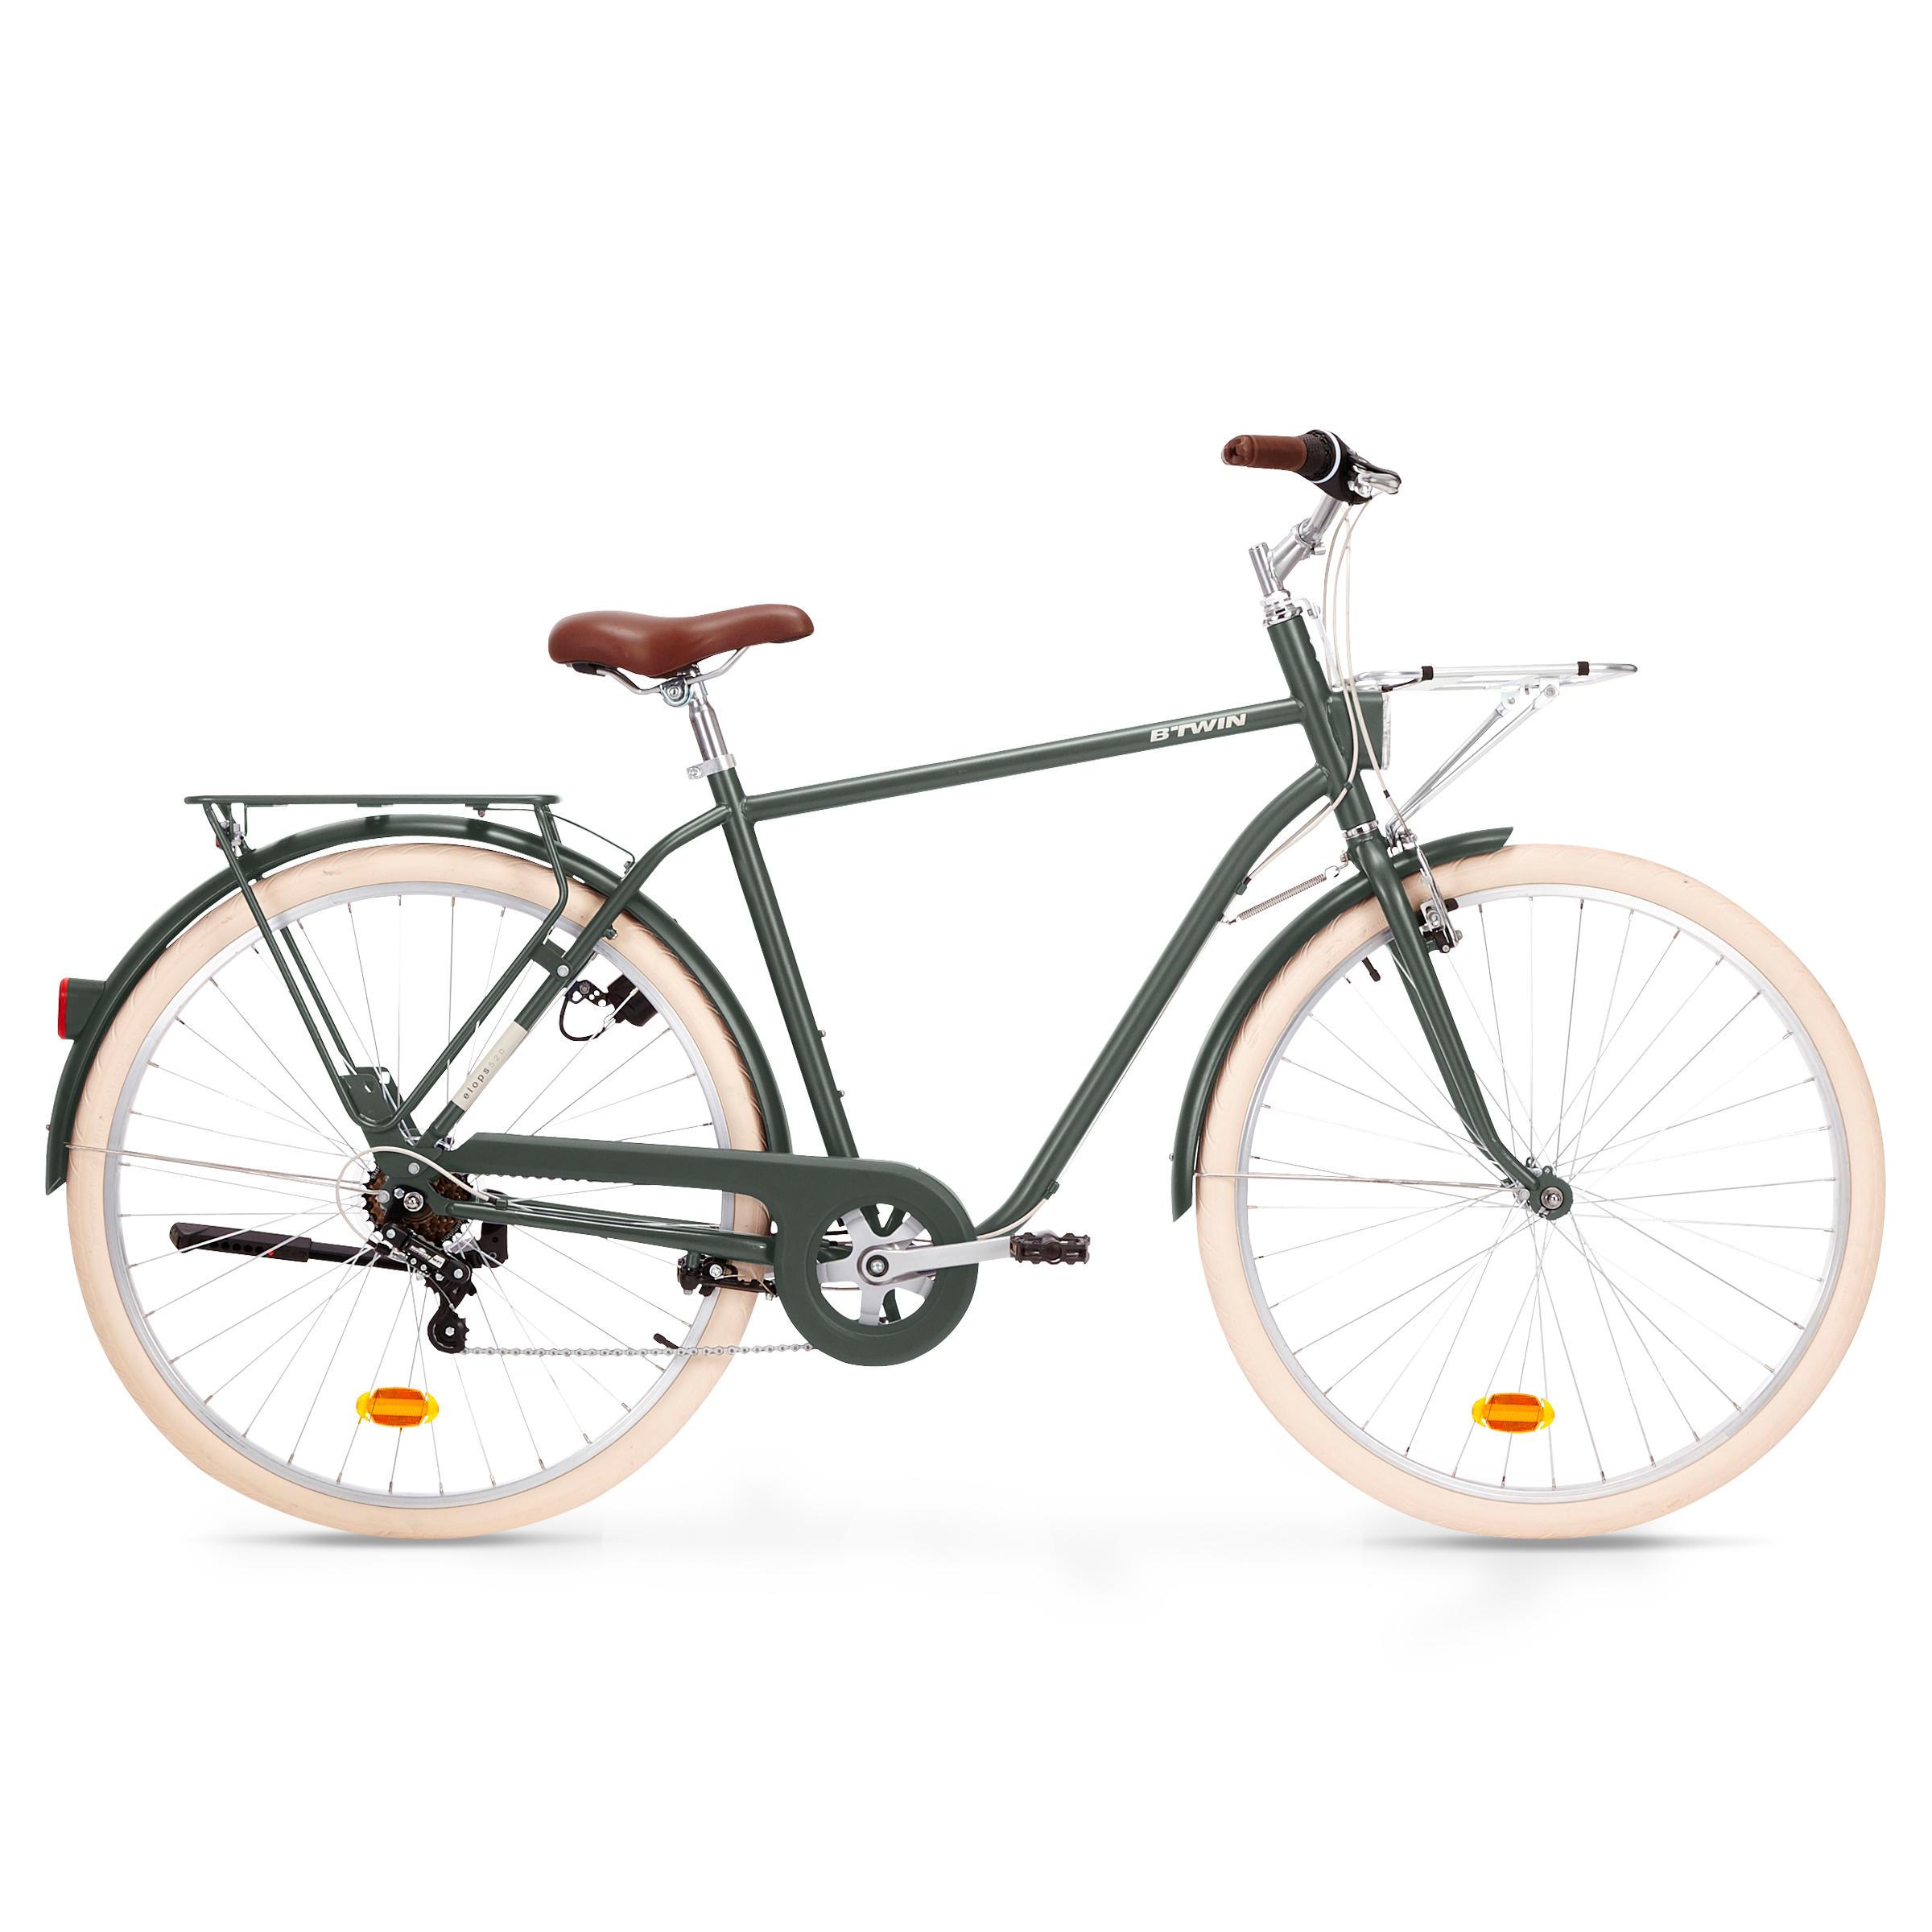 Bicicletă Oraş Elops 520 imagine